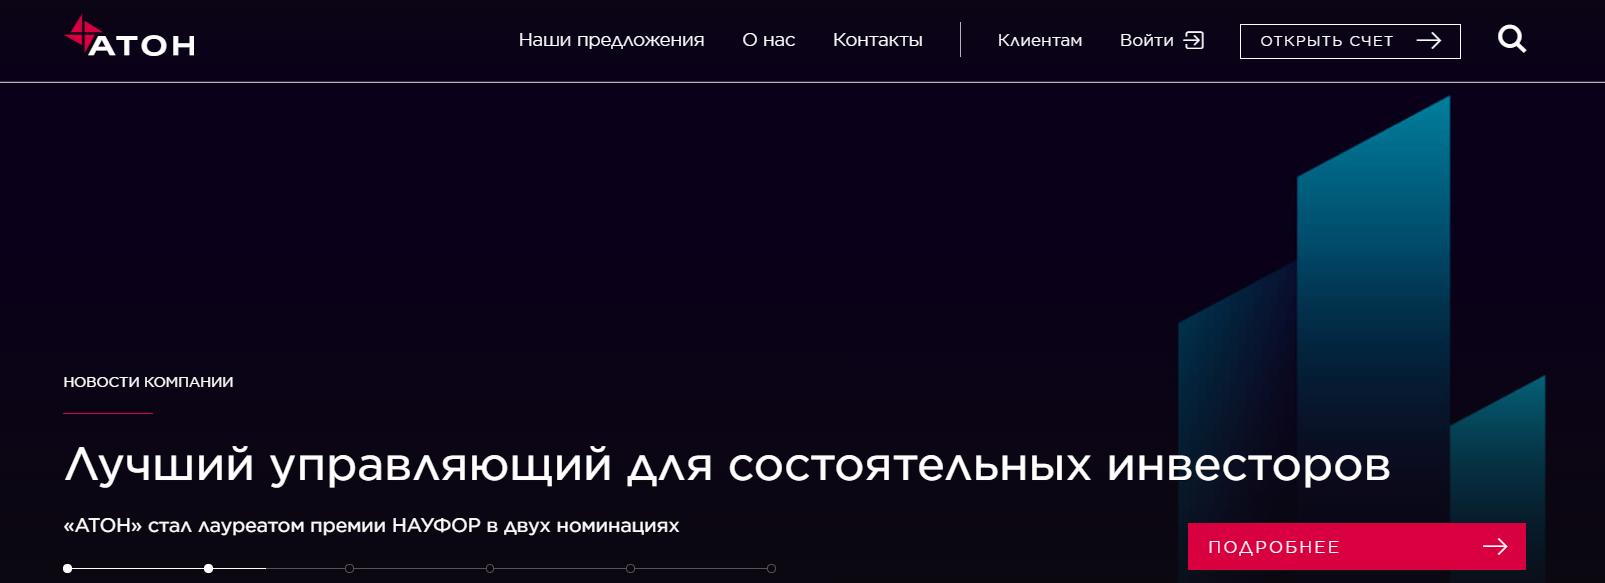 атон обзор сайта